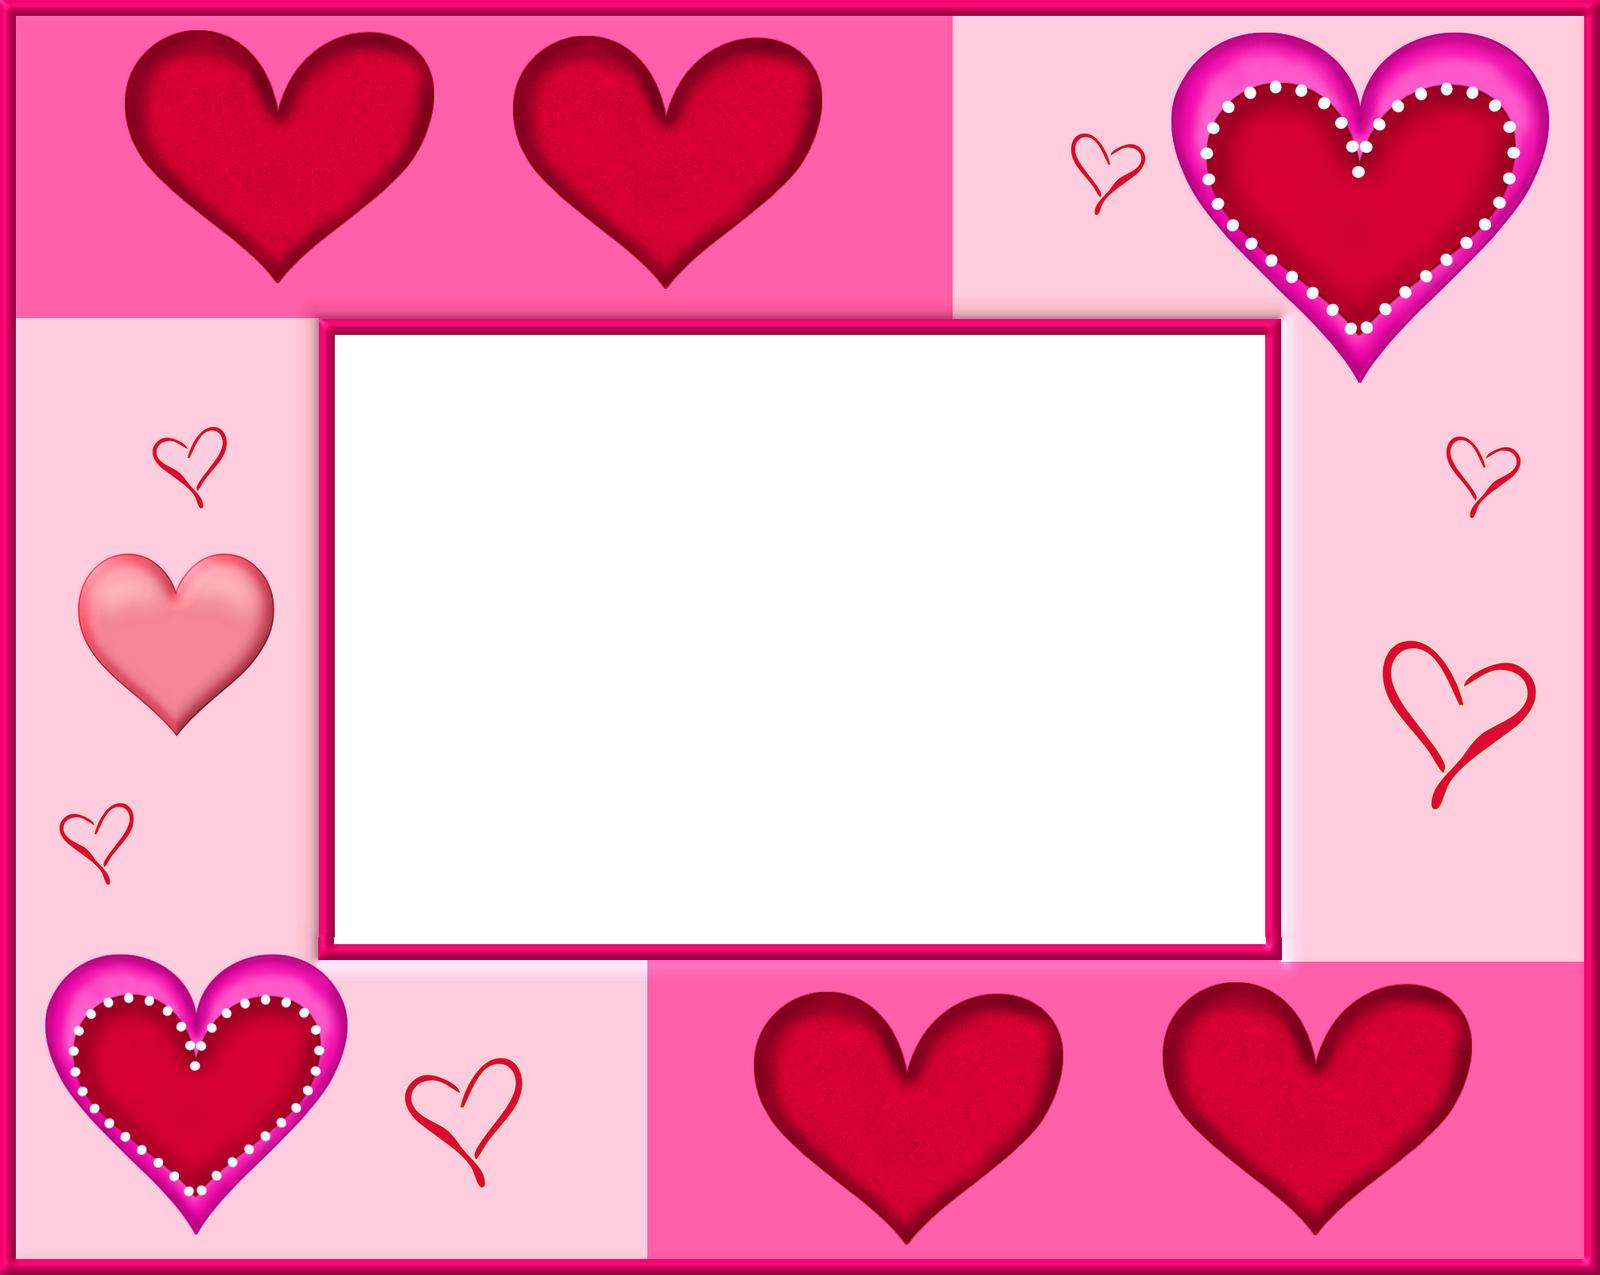 Colecci n de gifs marcos para fotos de corazones - Marco 4 fotos ...